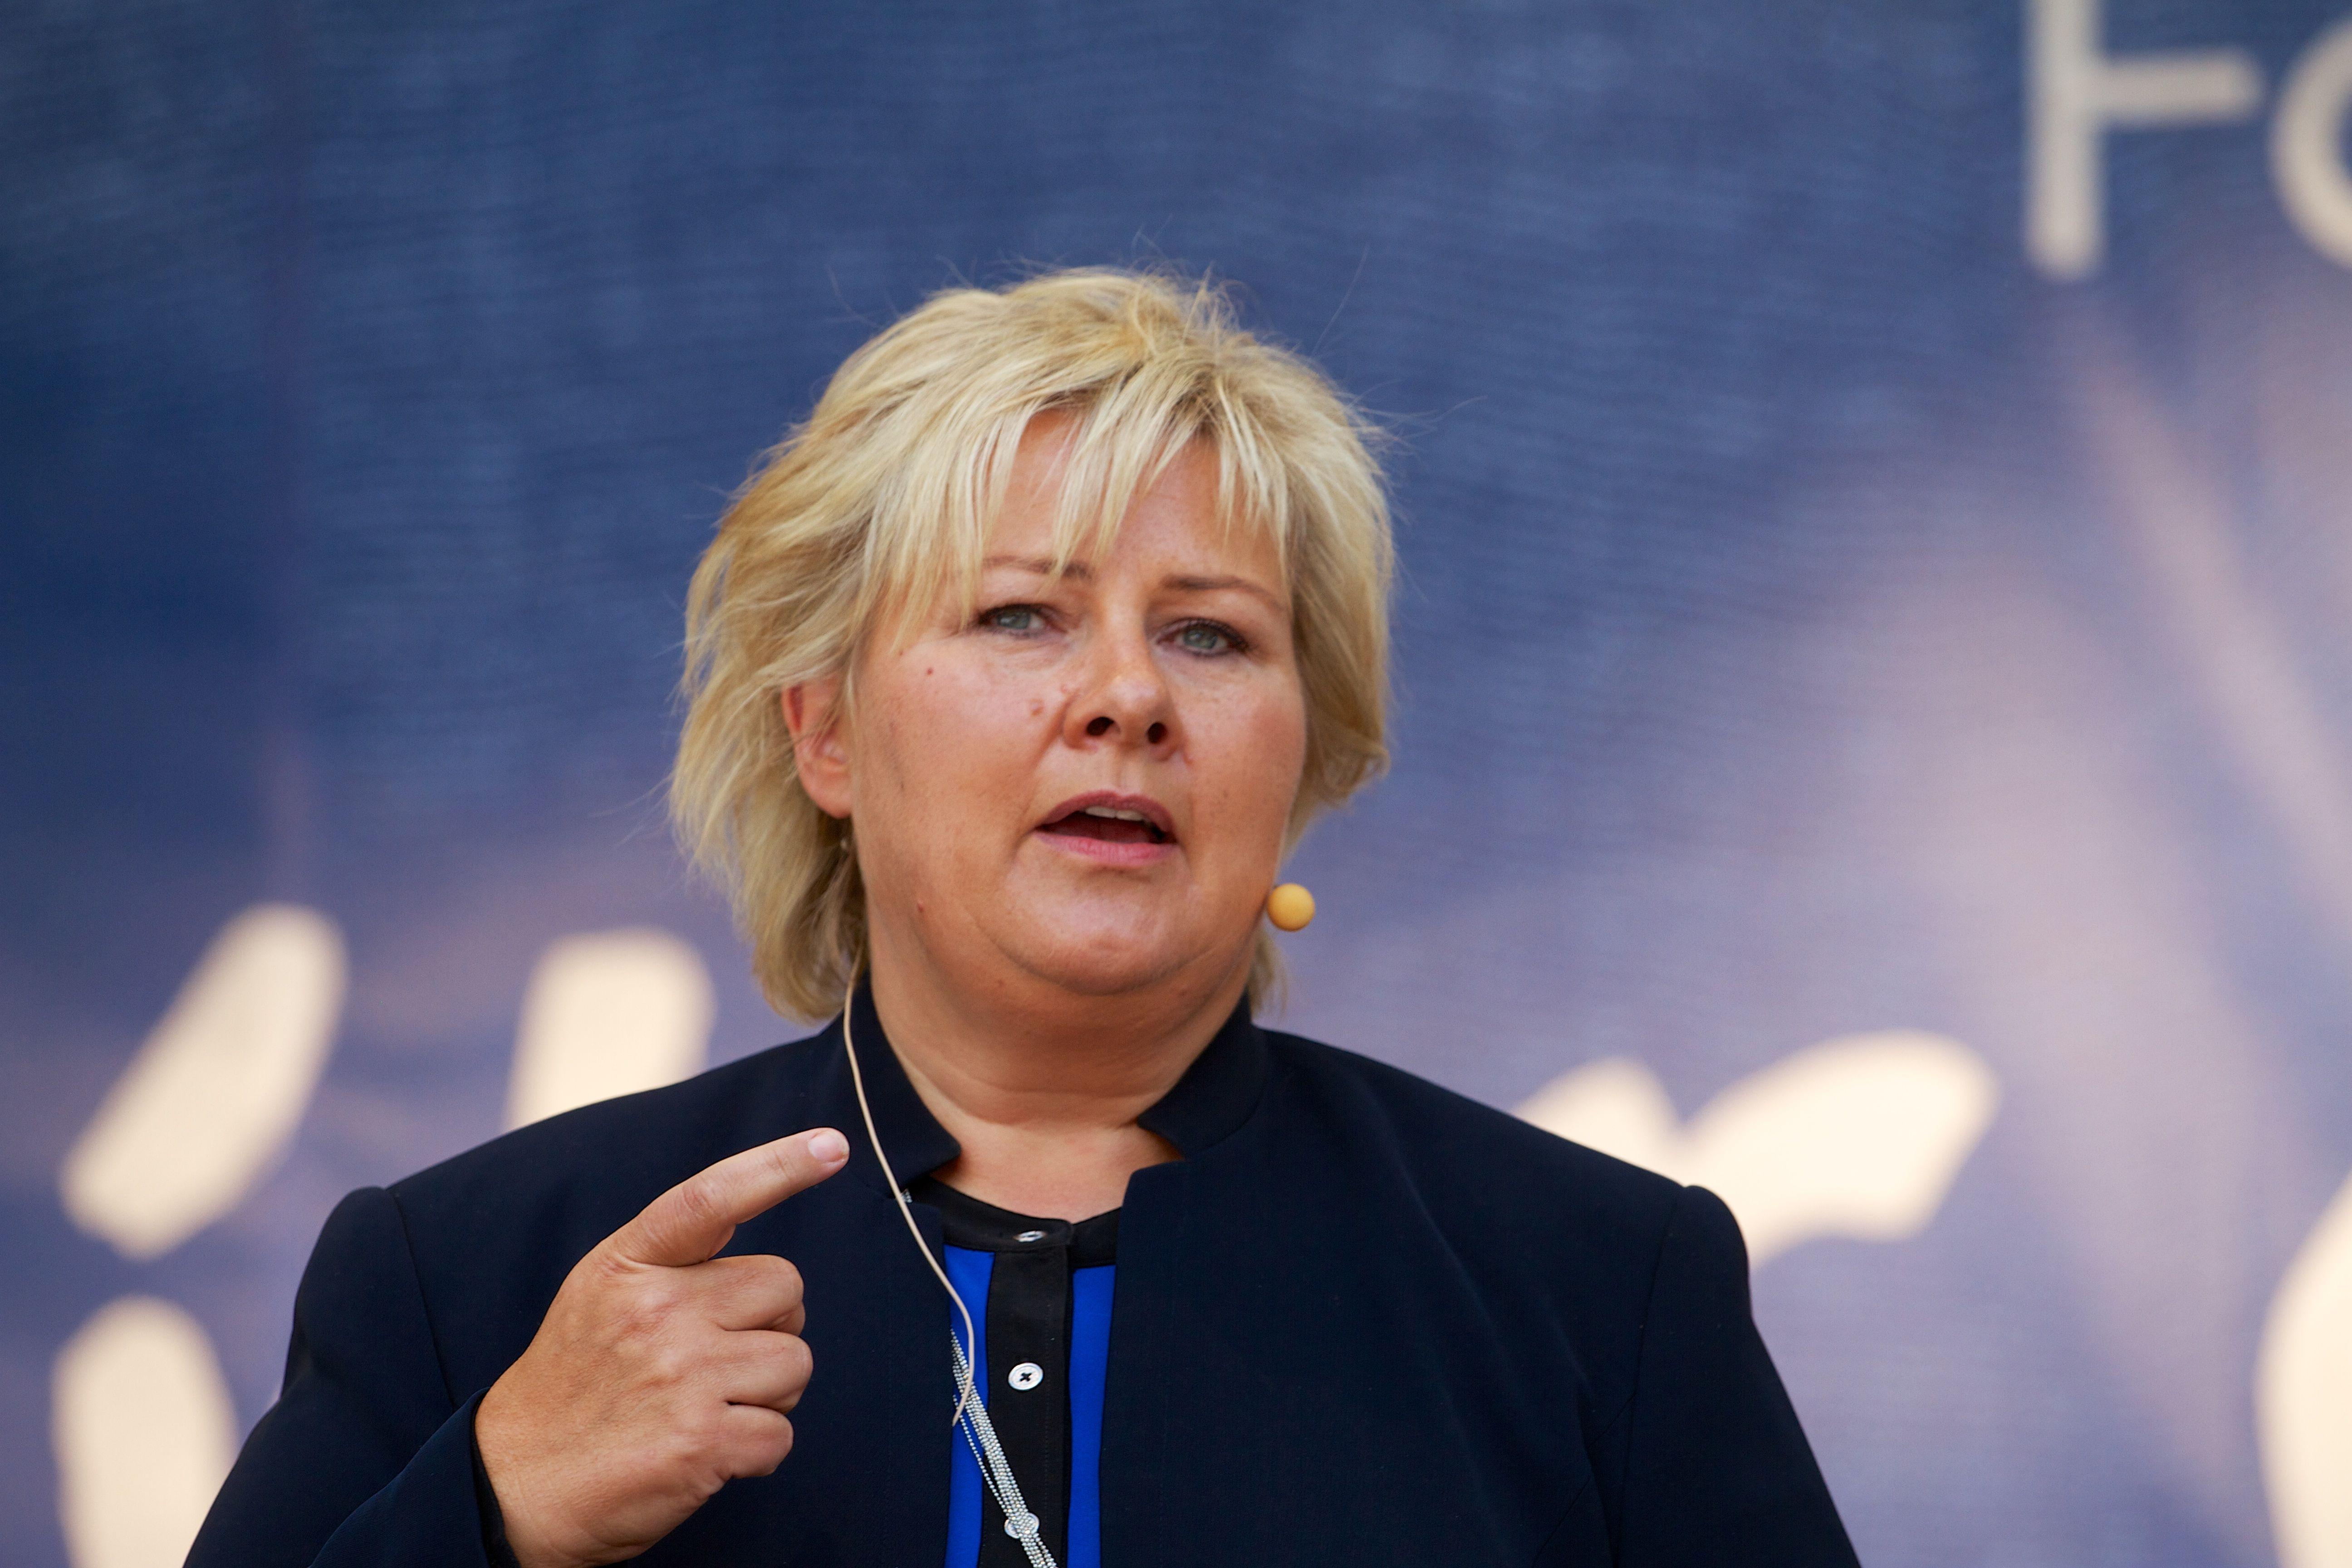 ¿A qué país gobierna Erna Solberg?